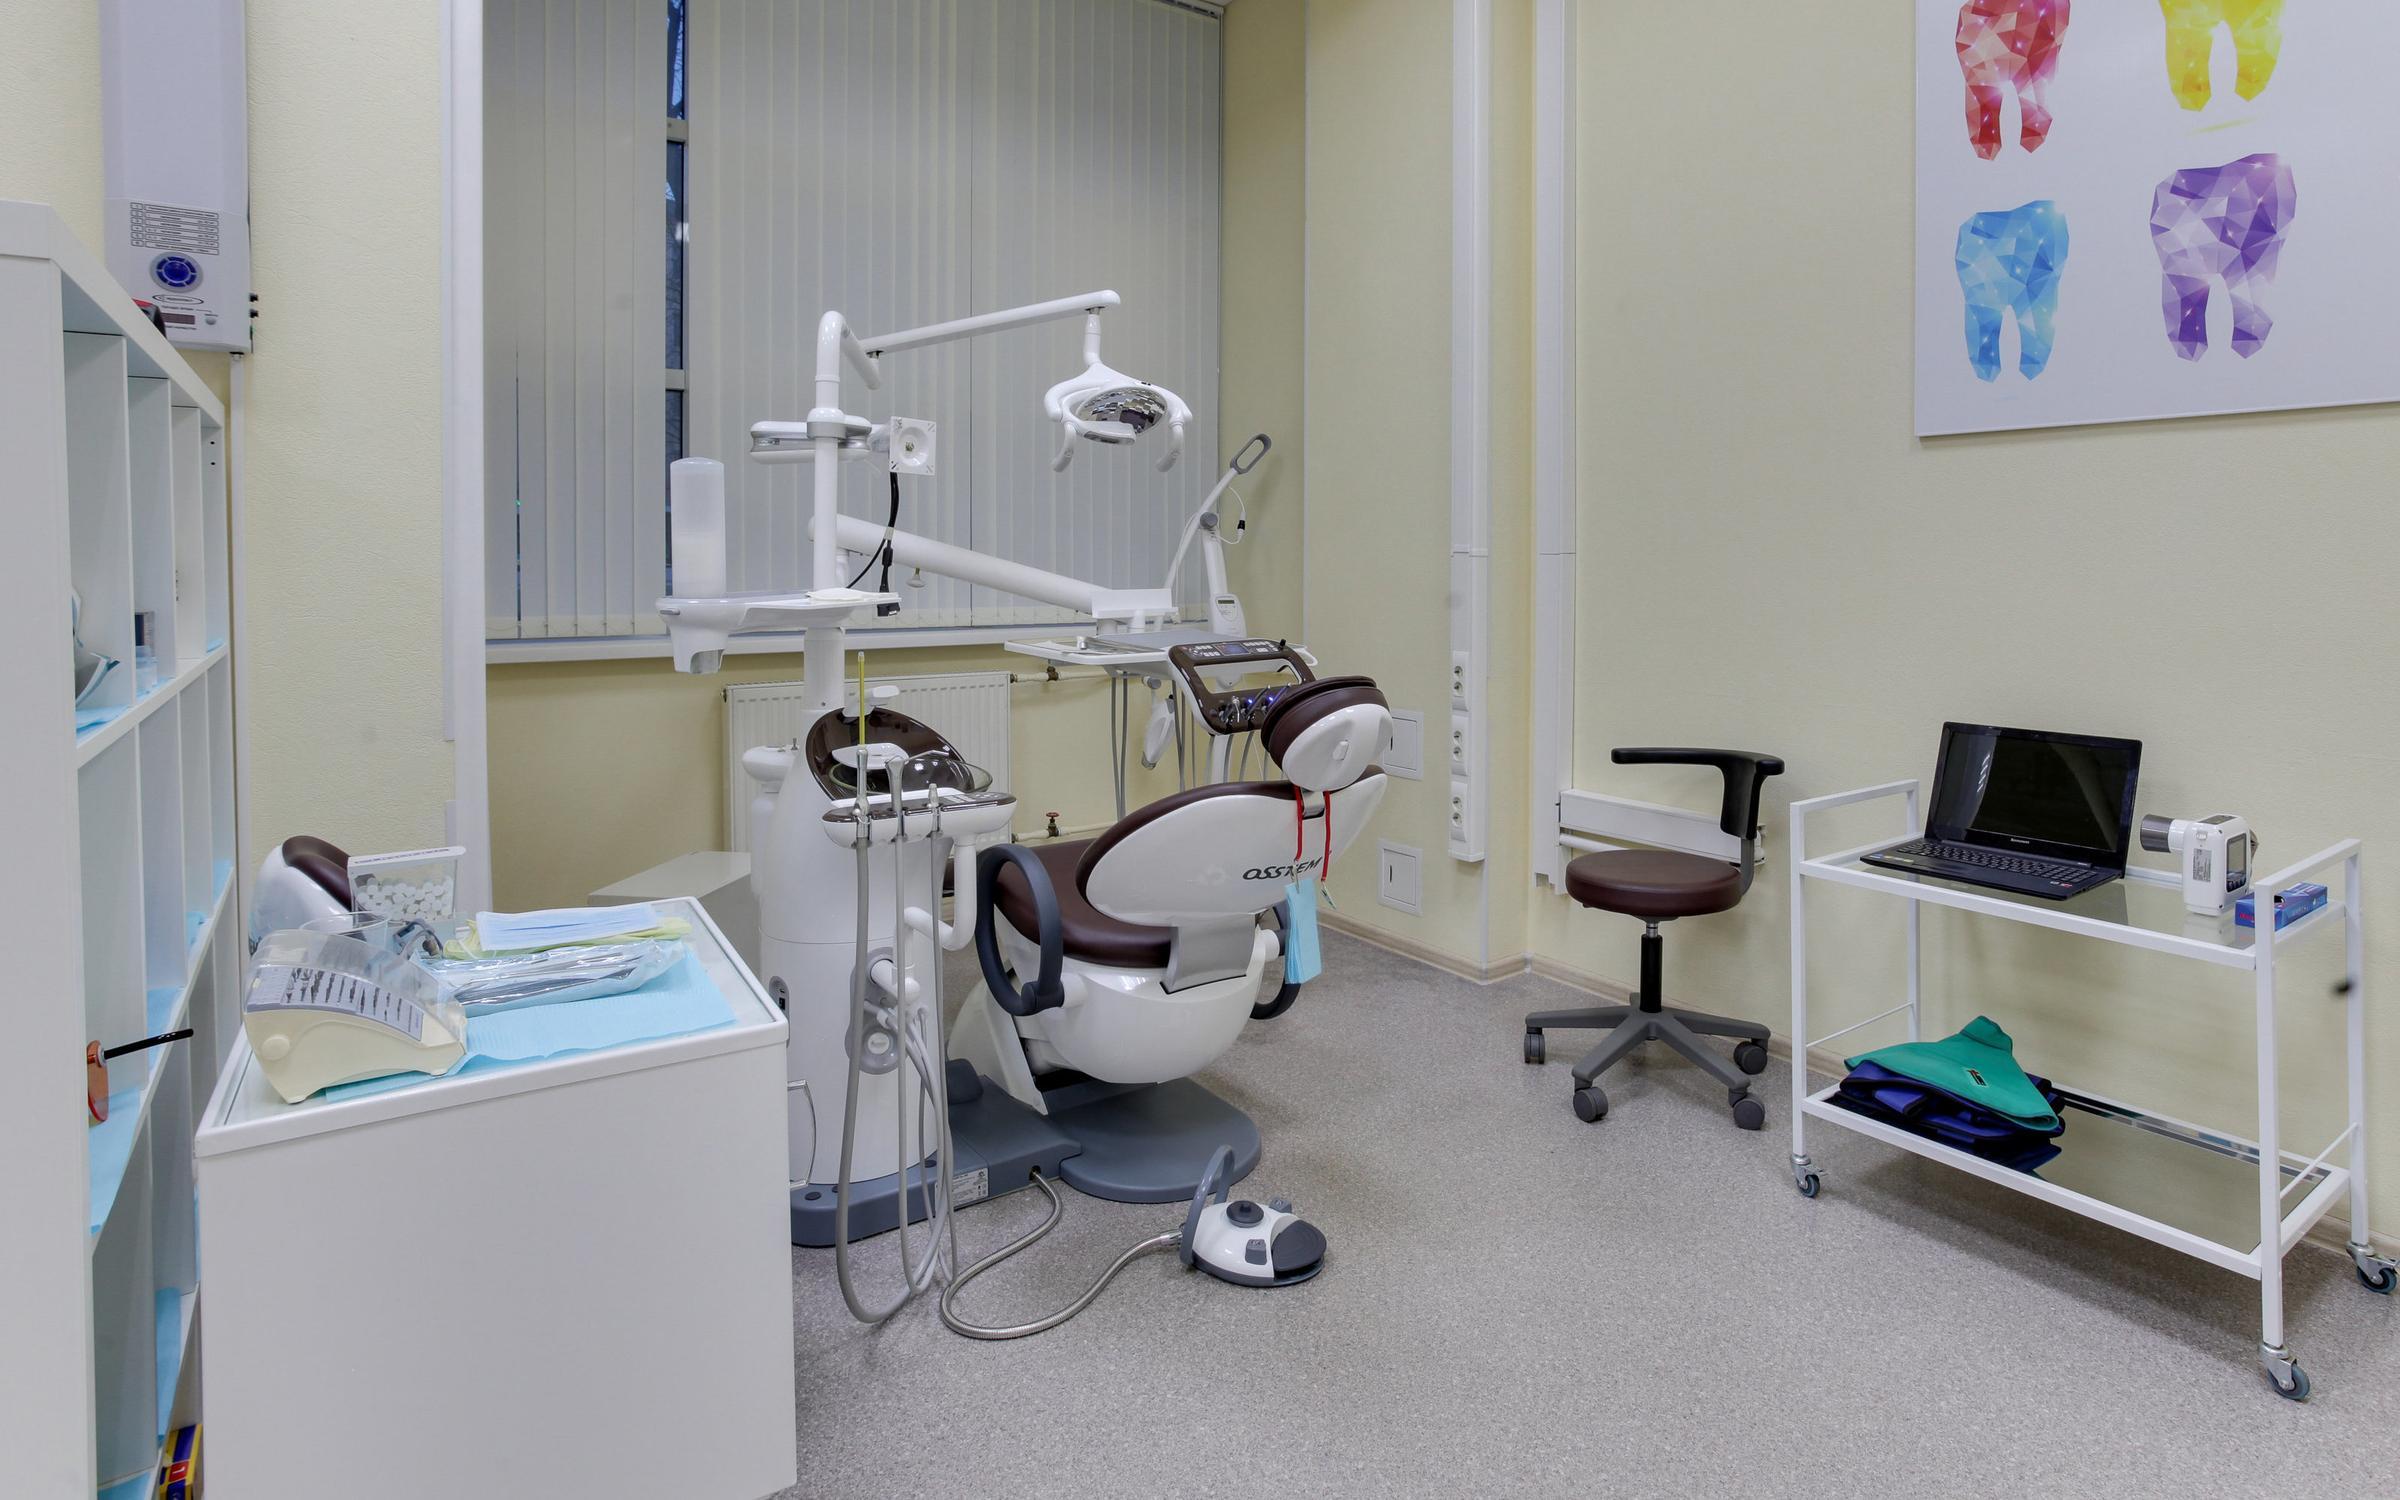 фотография Стоматологической клиники Viva Dent на метро Серпуховская